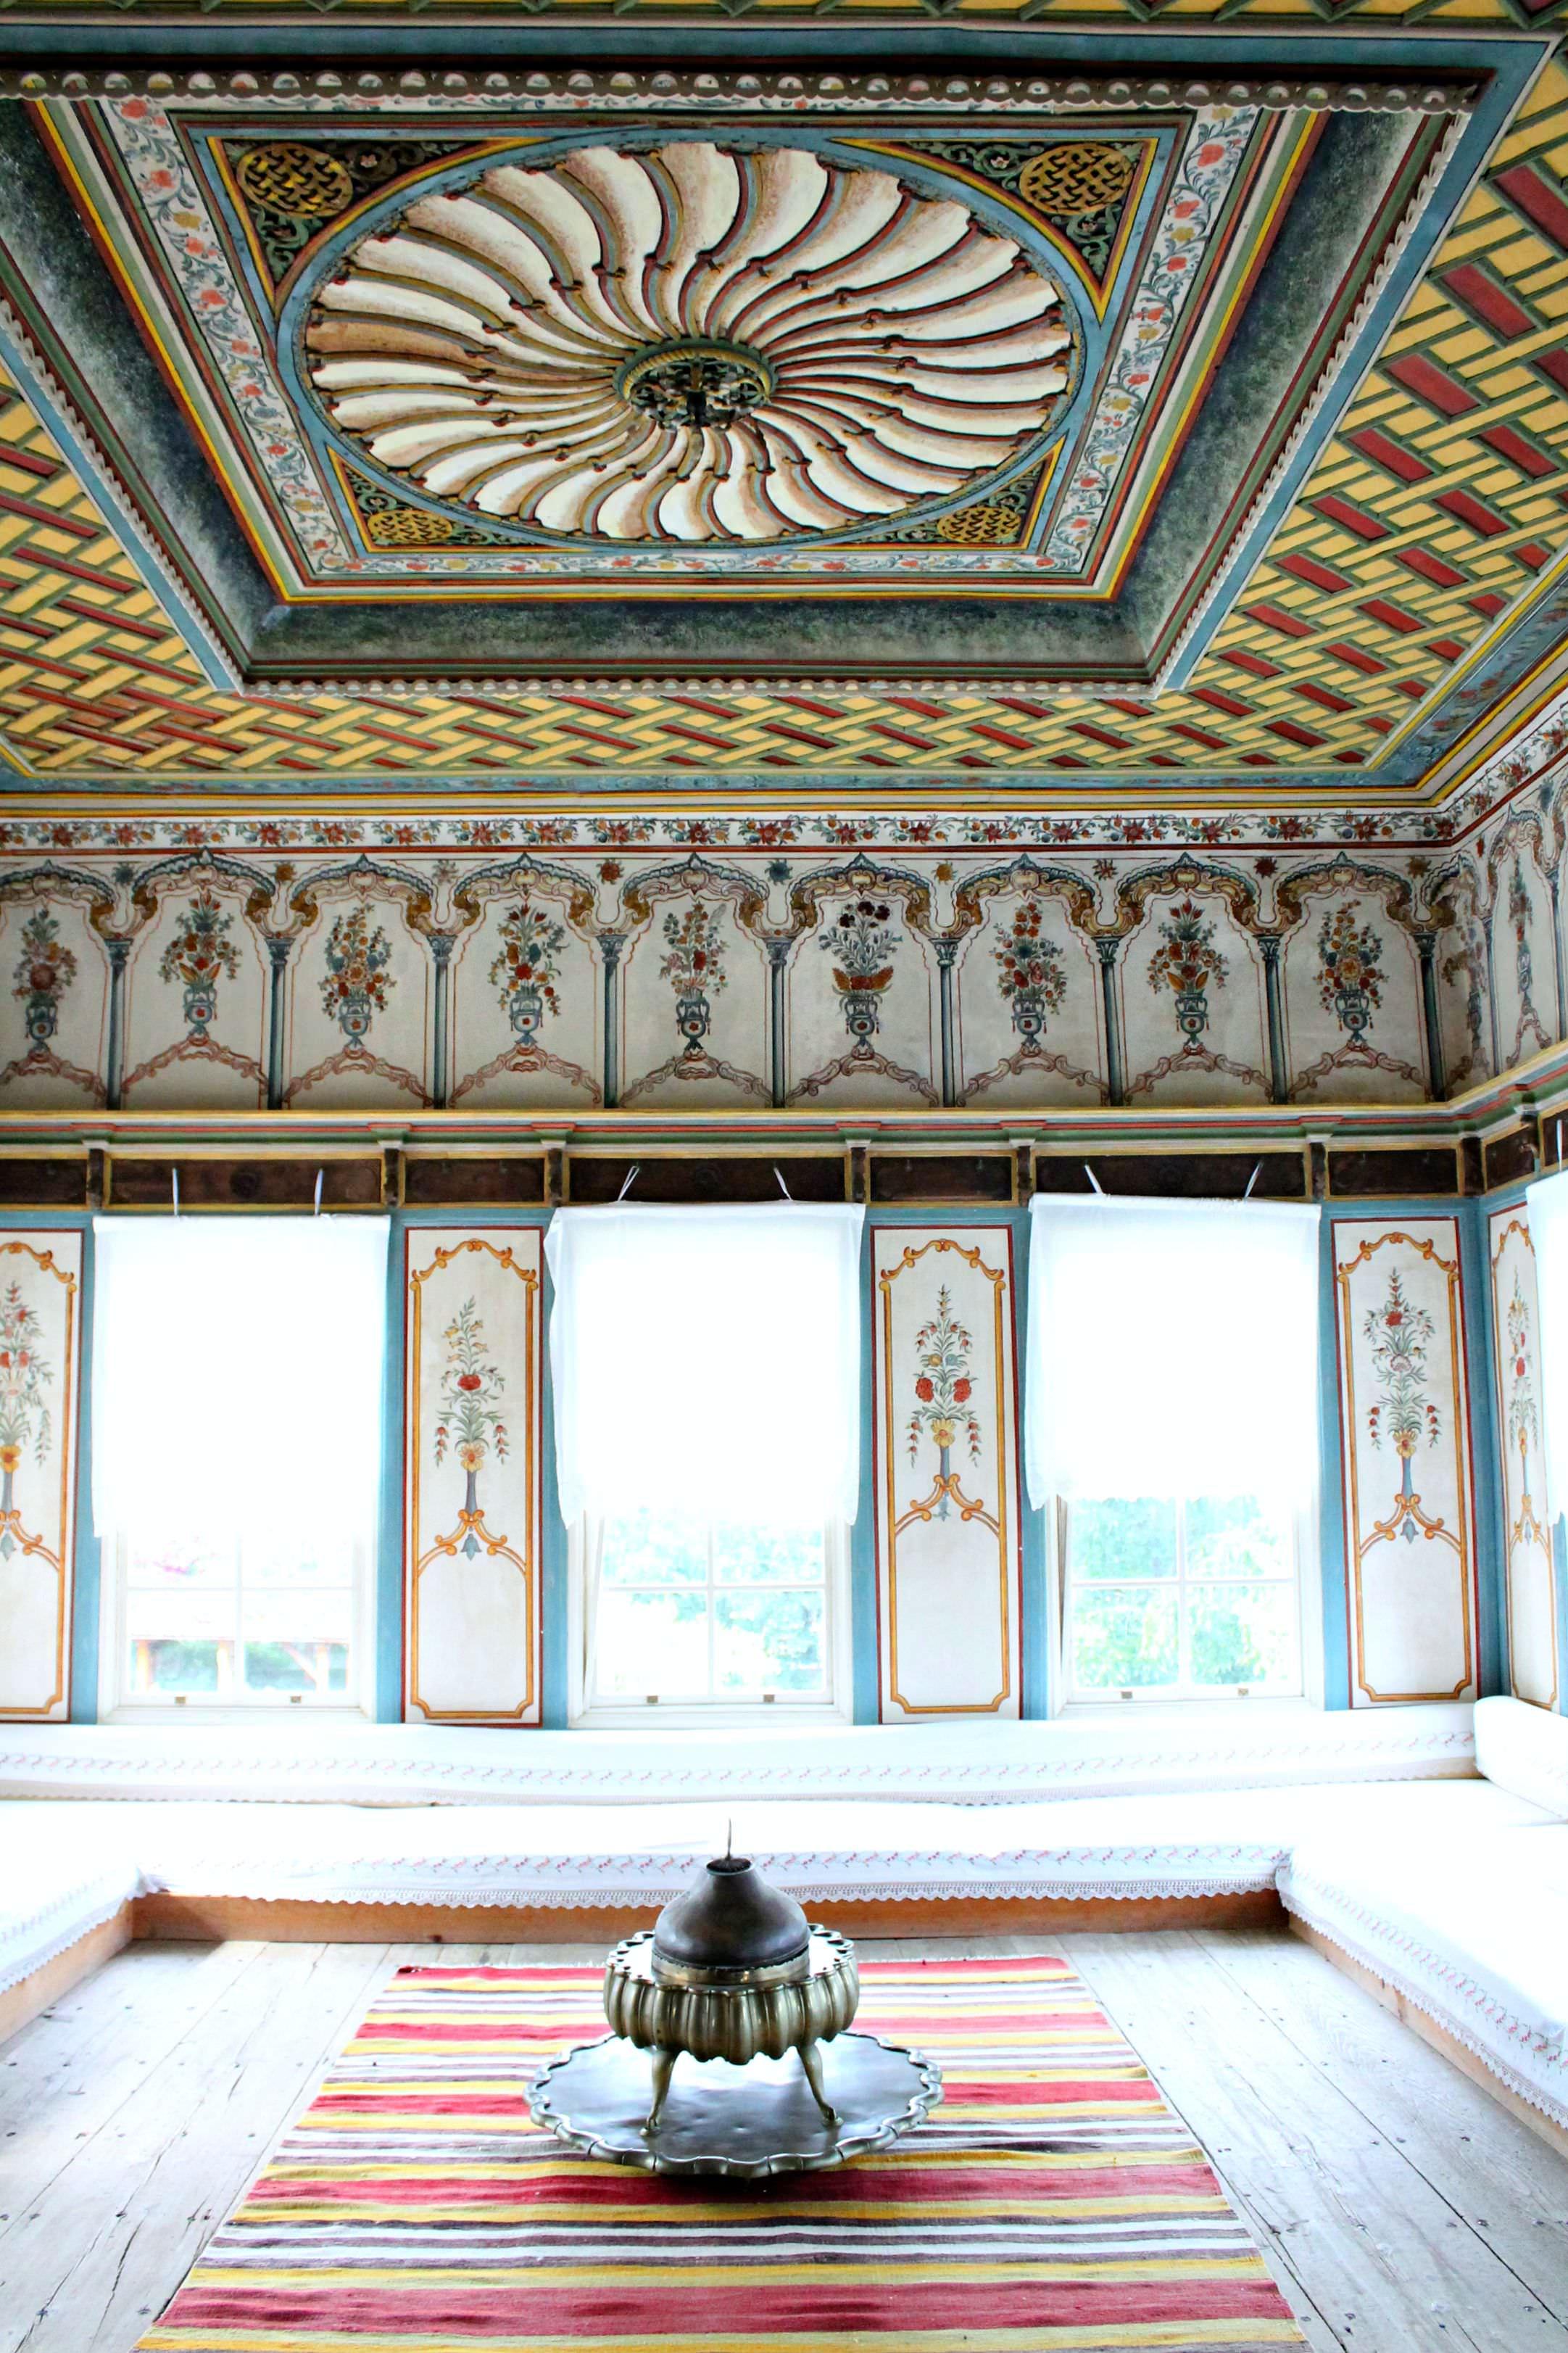 Sultan-mehmet-ali-aga's-room-photo-by-Little-Big-Bell